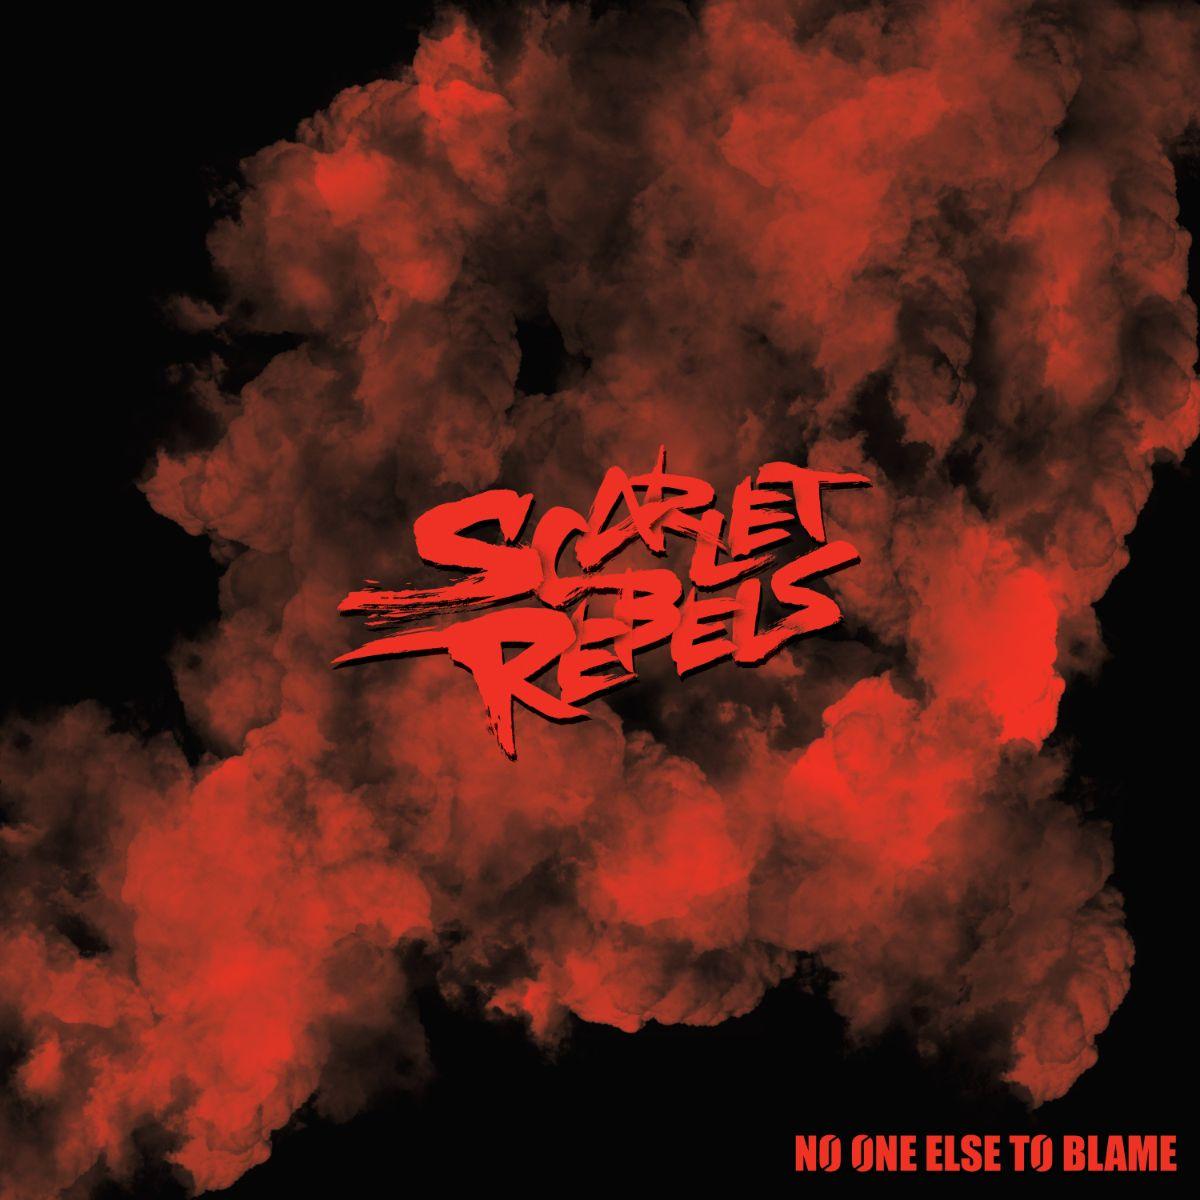 Scarlet Rebels.jpg